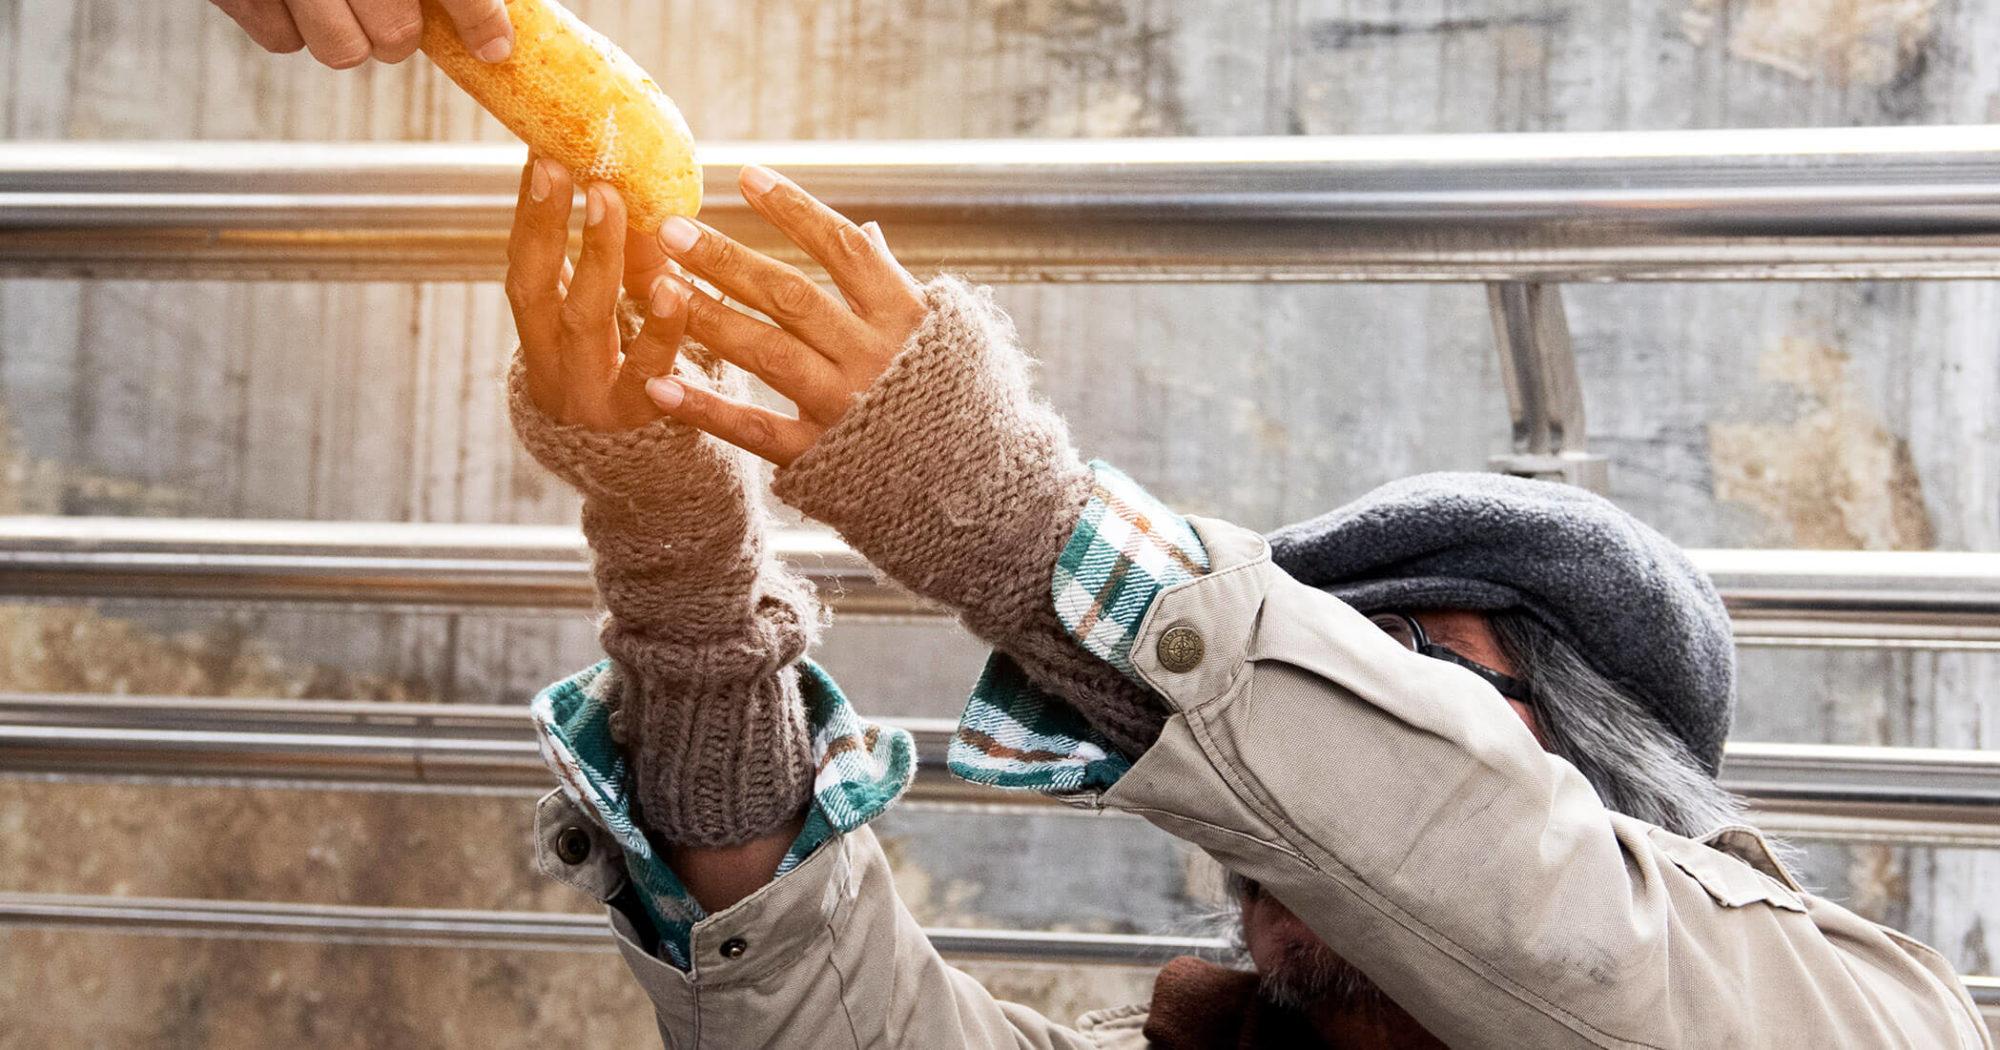 homeless tbi giving food